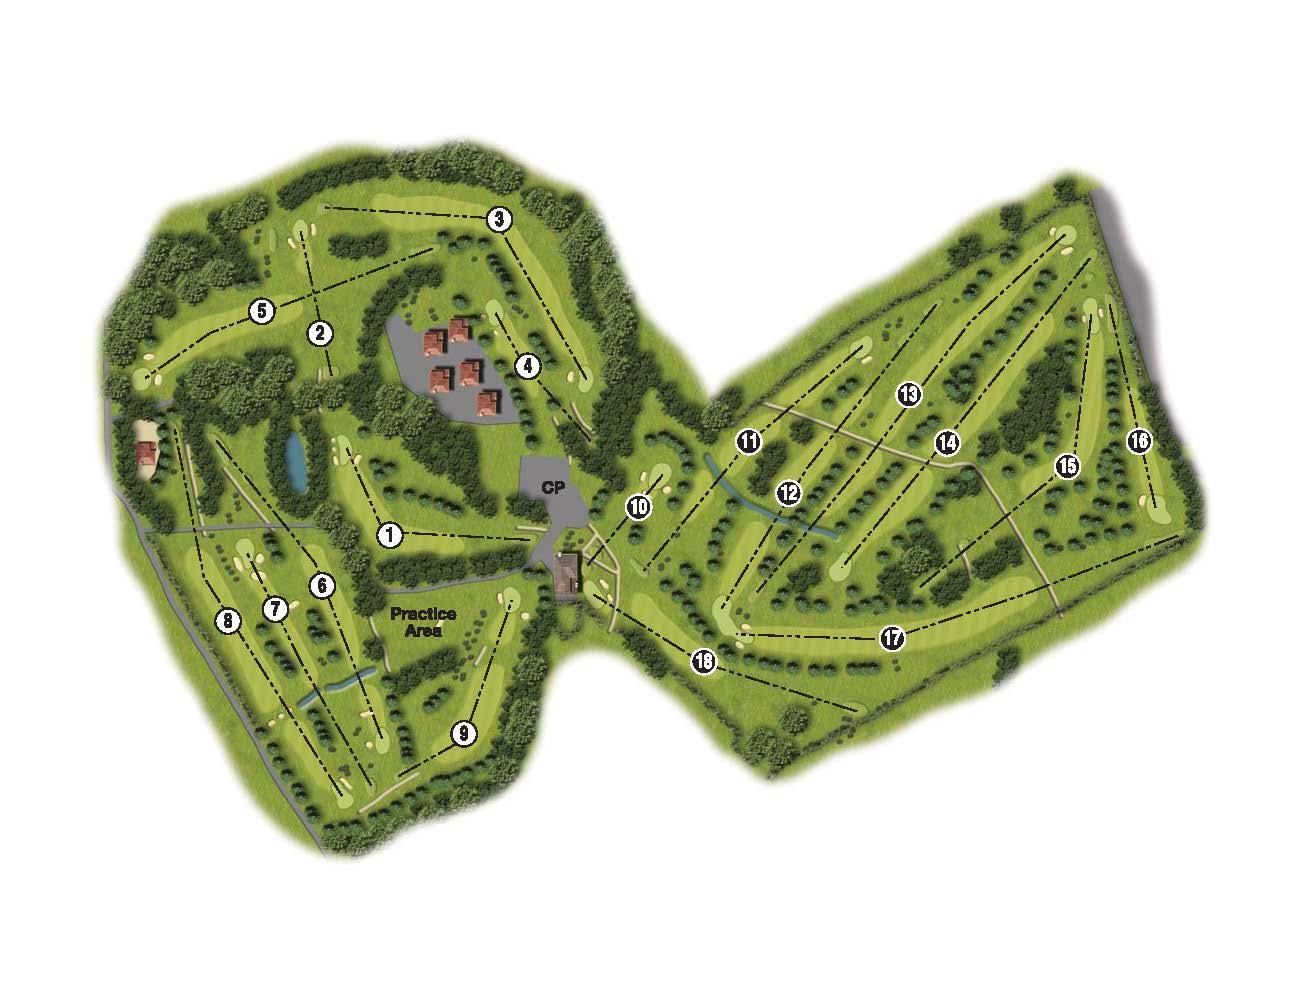 Heaton-Moor-GC-course-map